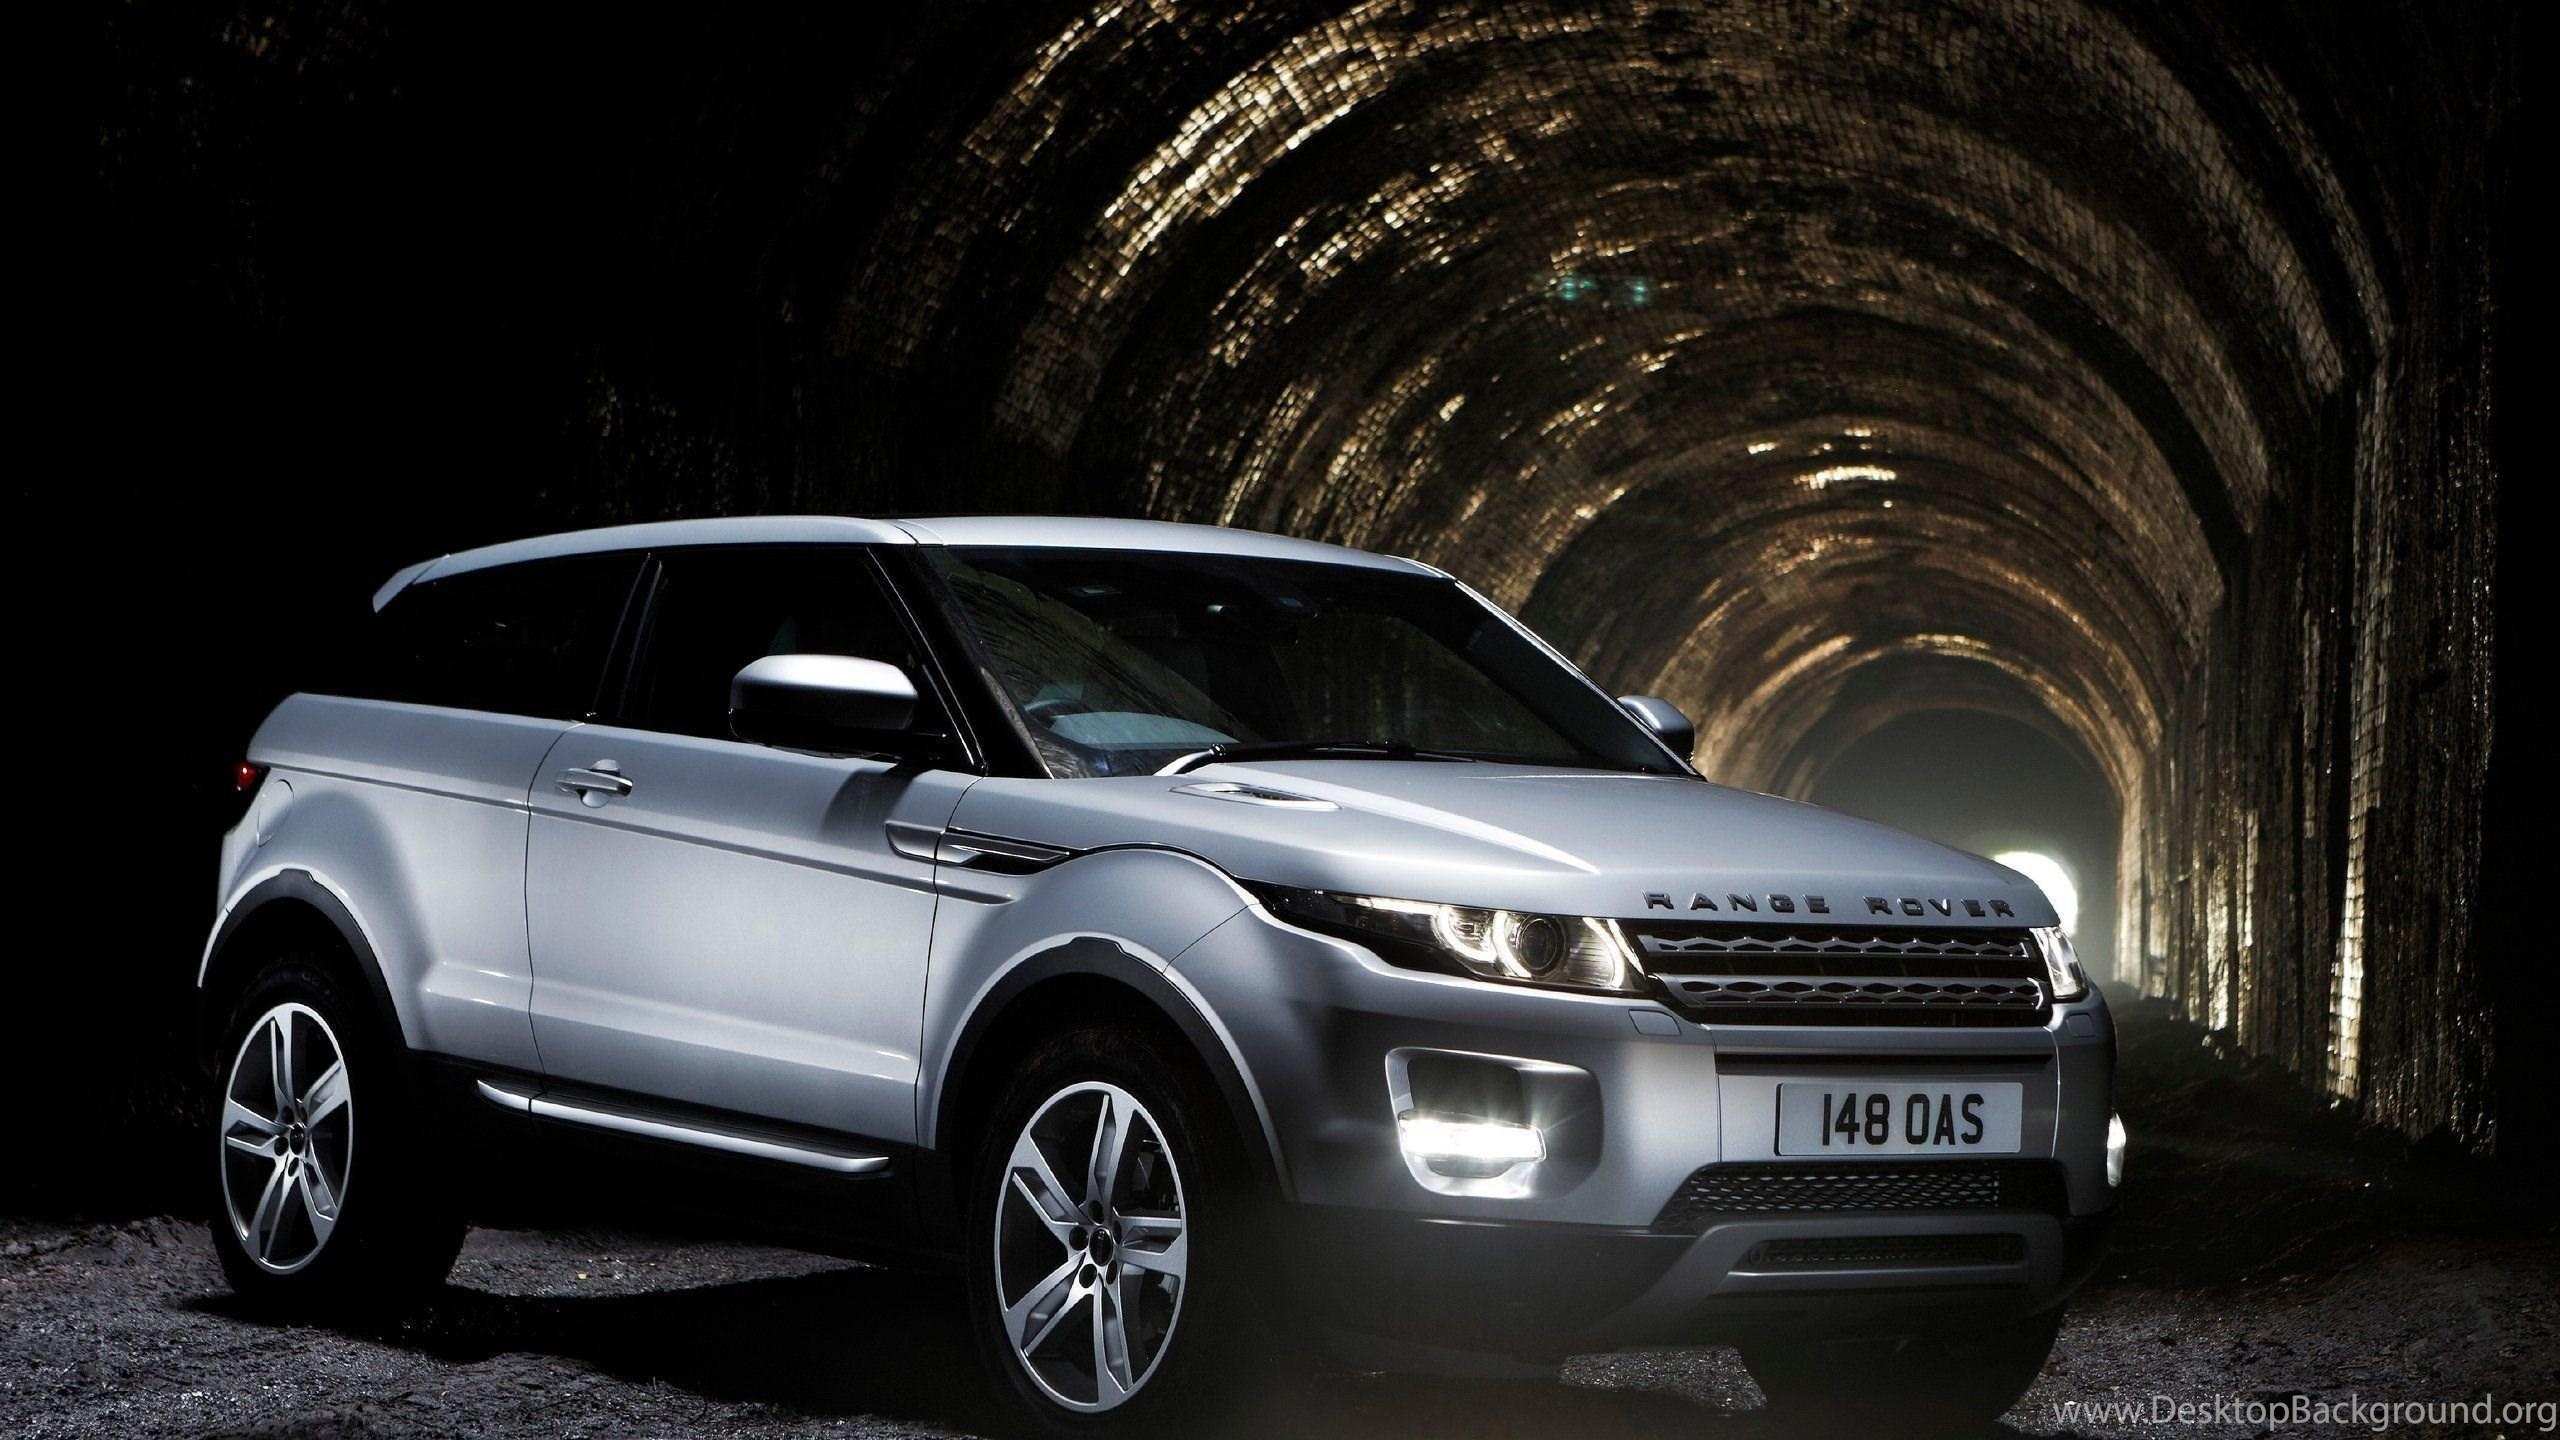 Fonds D Ecran Range Rover Evoque Tous Les Wallpapers Range Rover